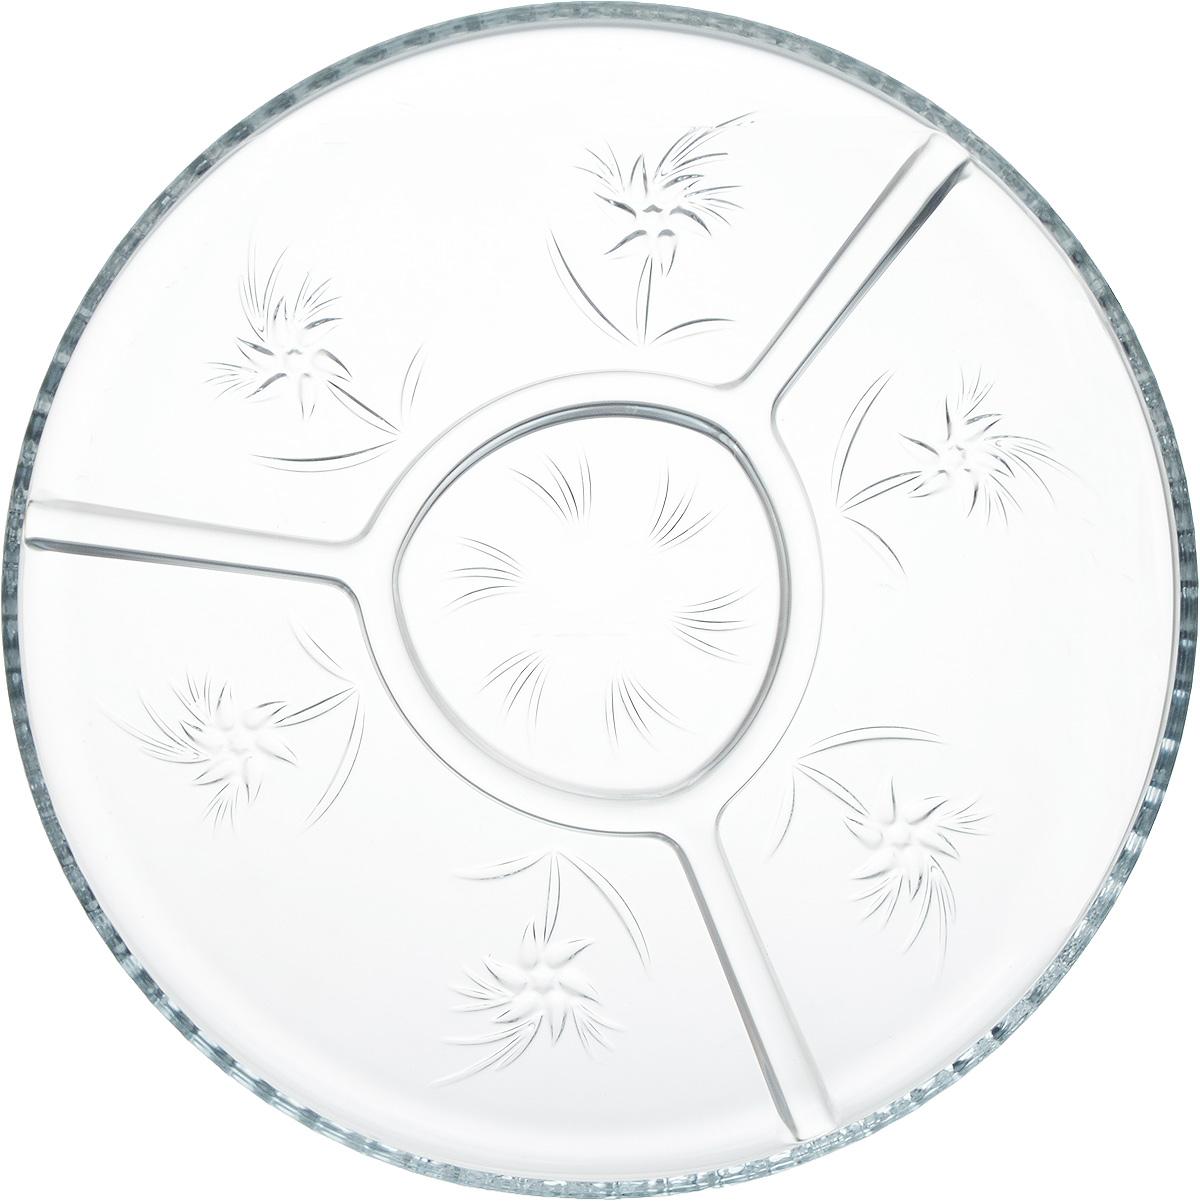 """Блюдо Isfahan """"Simin"""", выполненное из высококачественного стекла, оригинально  украсит праздничный стол и поможет красиво расположить торт или пирог.  Такое изделие из  иранского боросиликатного стекла - новый тренд на рынке посуды. Оно легче хрусталя, но при  этом выглядит достаточно """"хрустально"""": те же грани, узоры, преломление света, блики,  прозрачность, плавность краев и устойчивость дна.  Блюдо имеет плавные перегородки, с  помощью которых можно разделить различные продукты."""